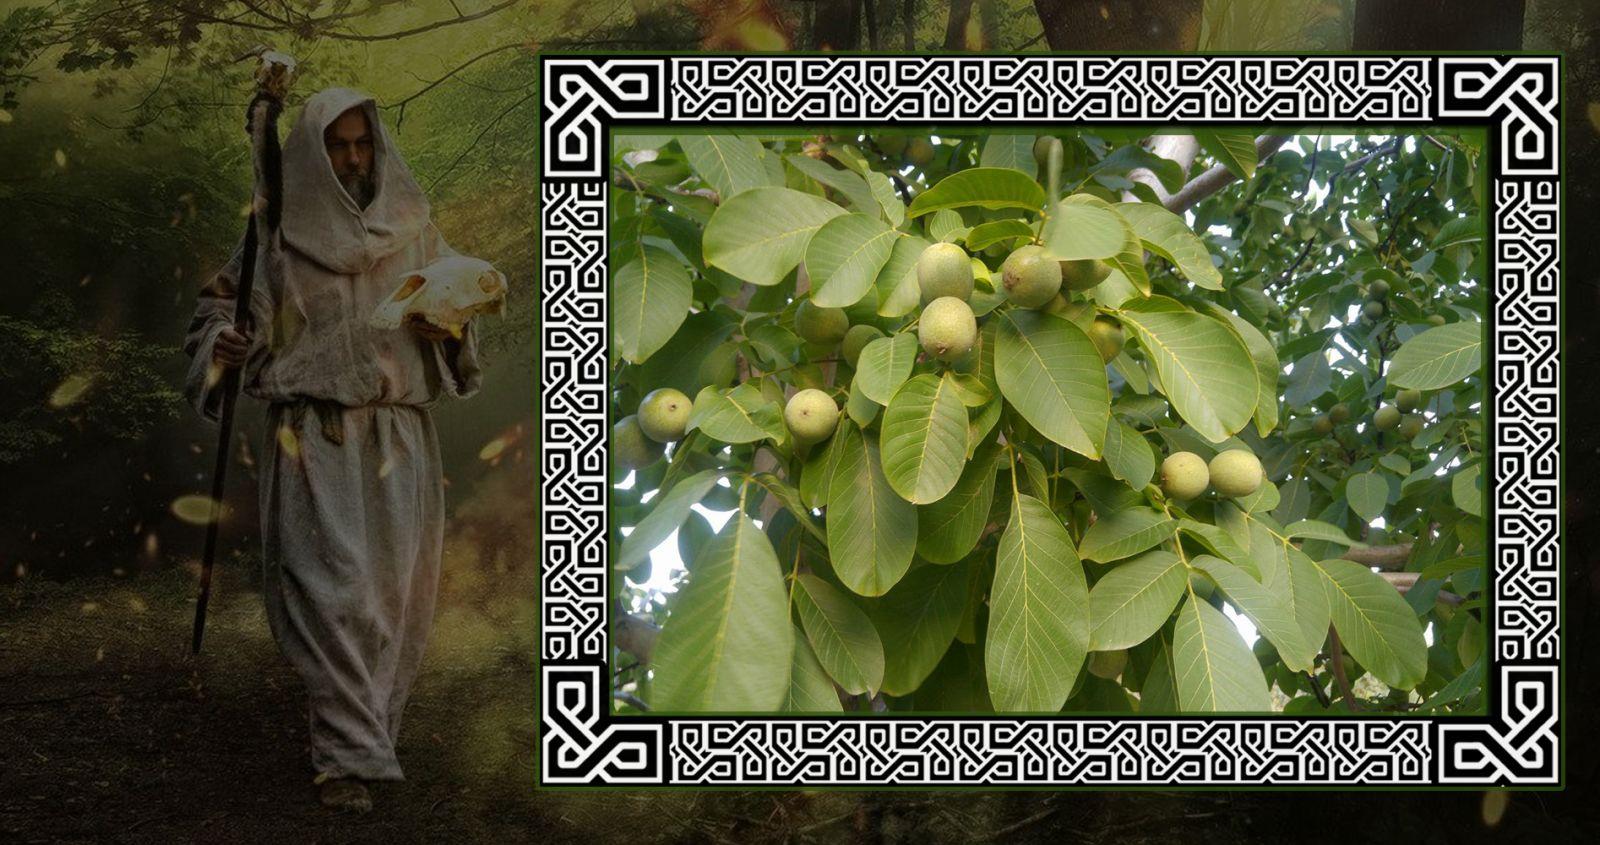 Противоречивый орех в гороскопе друидов